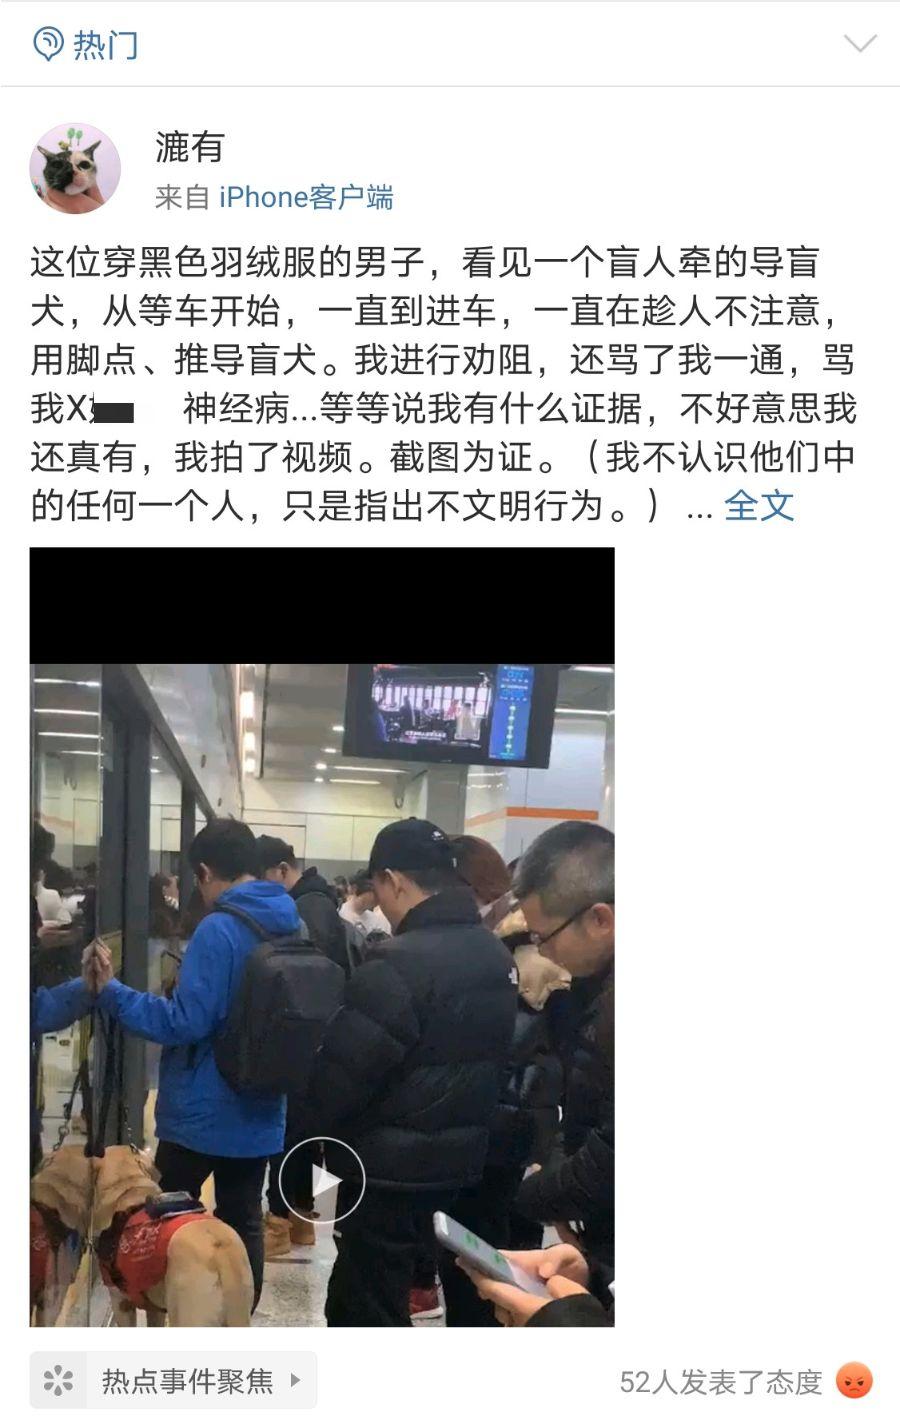 怒了!上海地铁一男子多次骚扰导盲犬,女孩制止后竟被.....